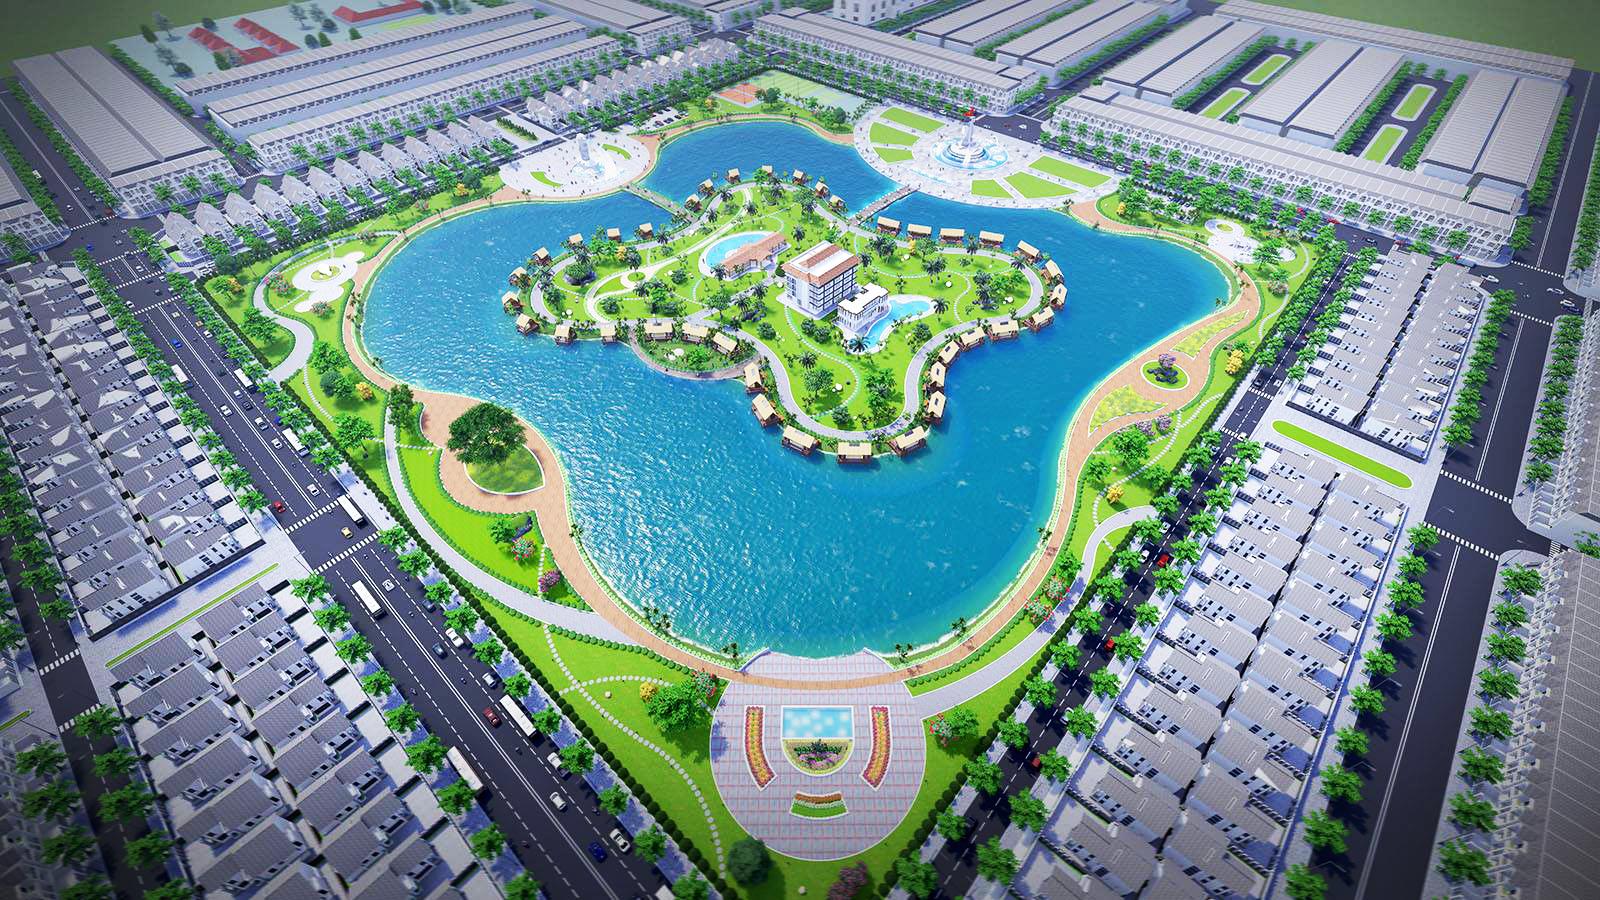 Phối cảnh tổng thể khu đất quy hoạch dự án Happy Home Cà Mau nhìn từ trên cao